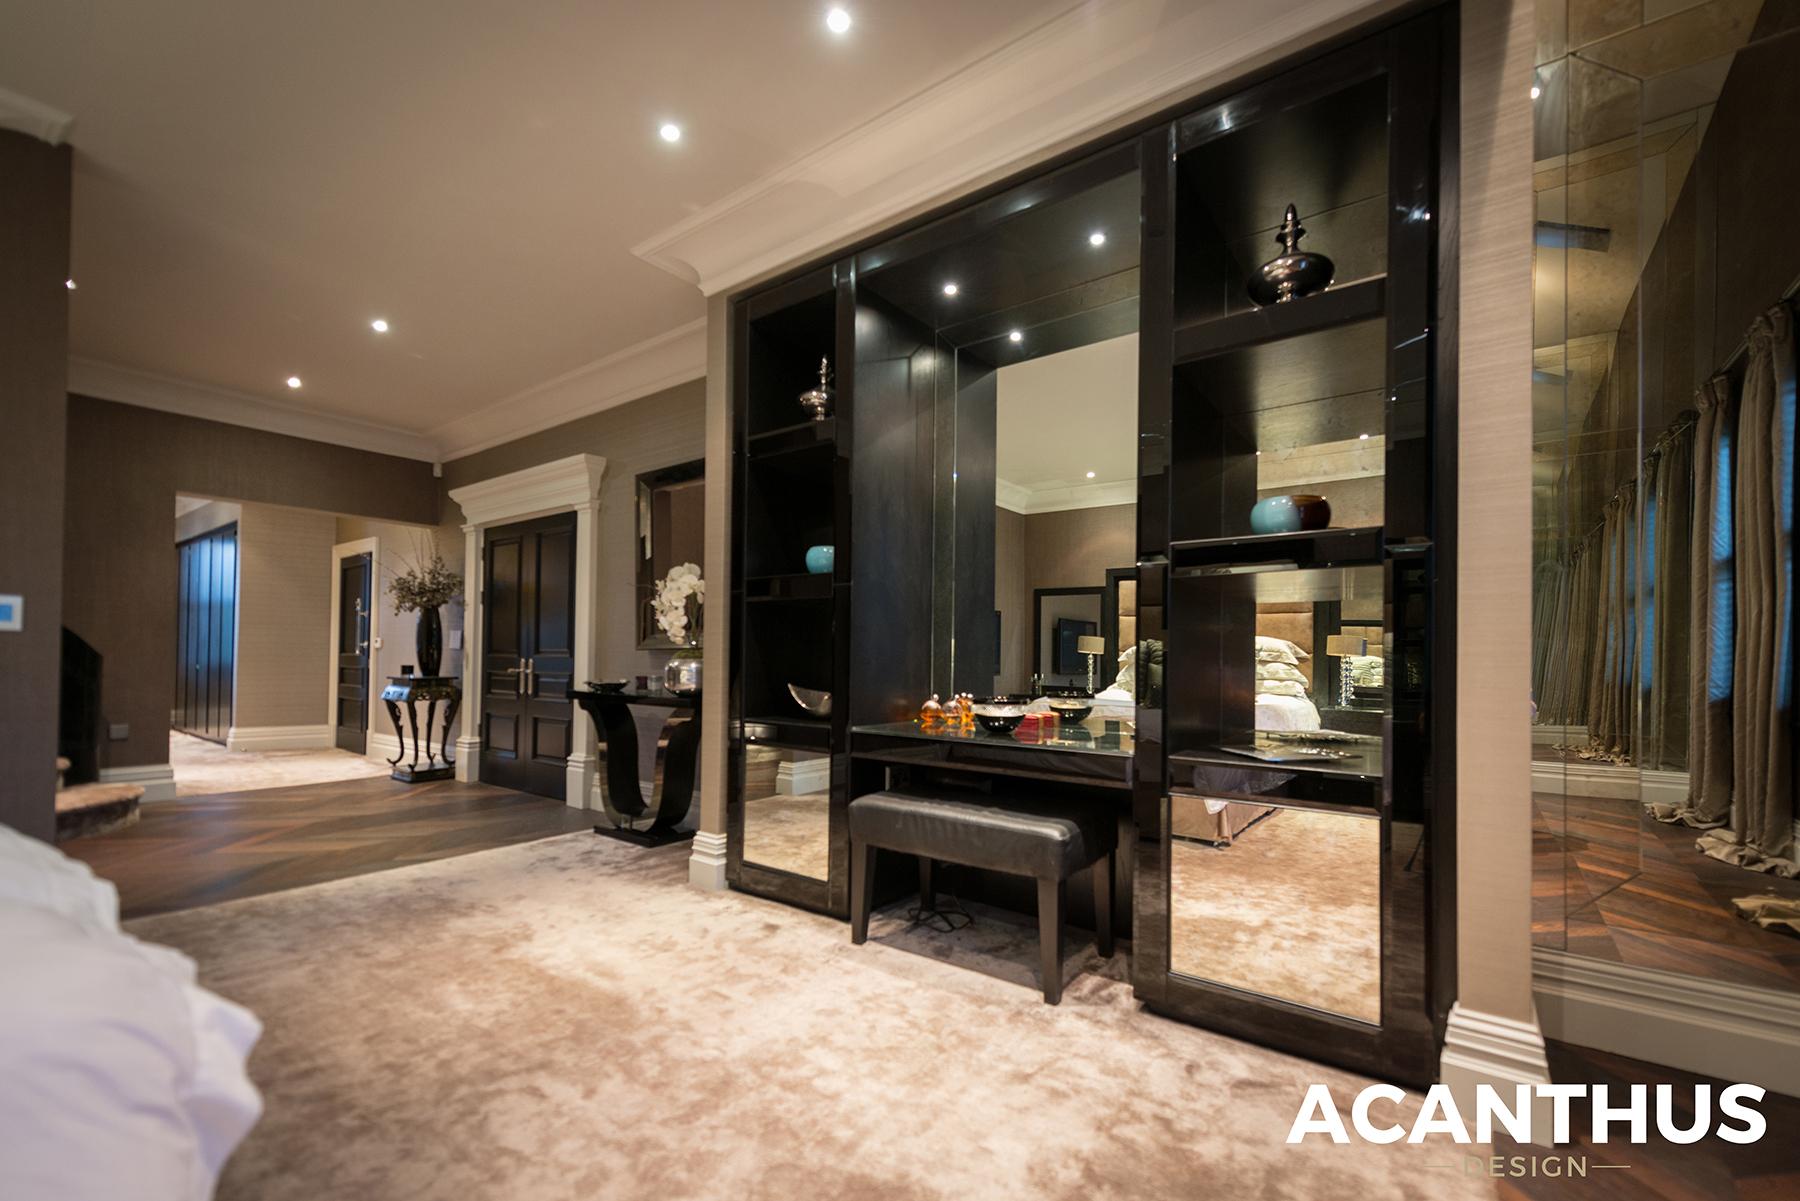 Acanthus Interior Design